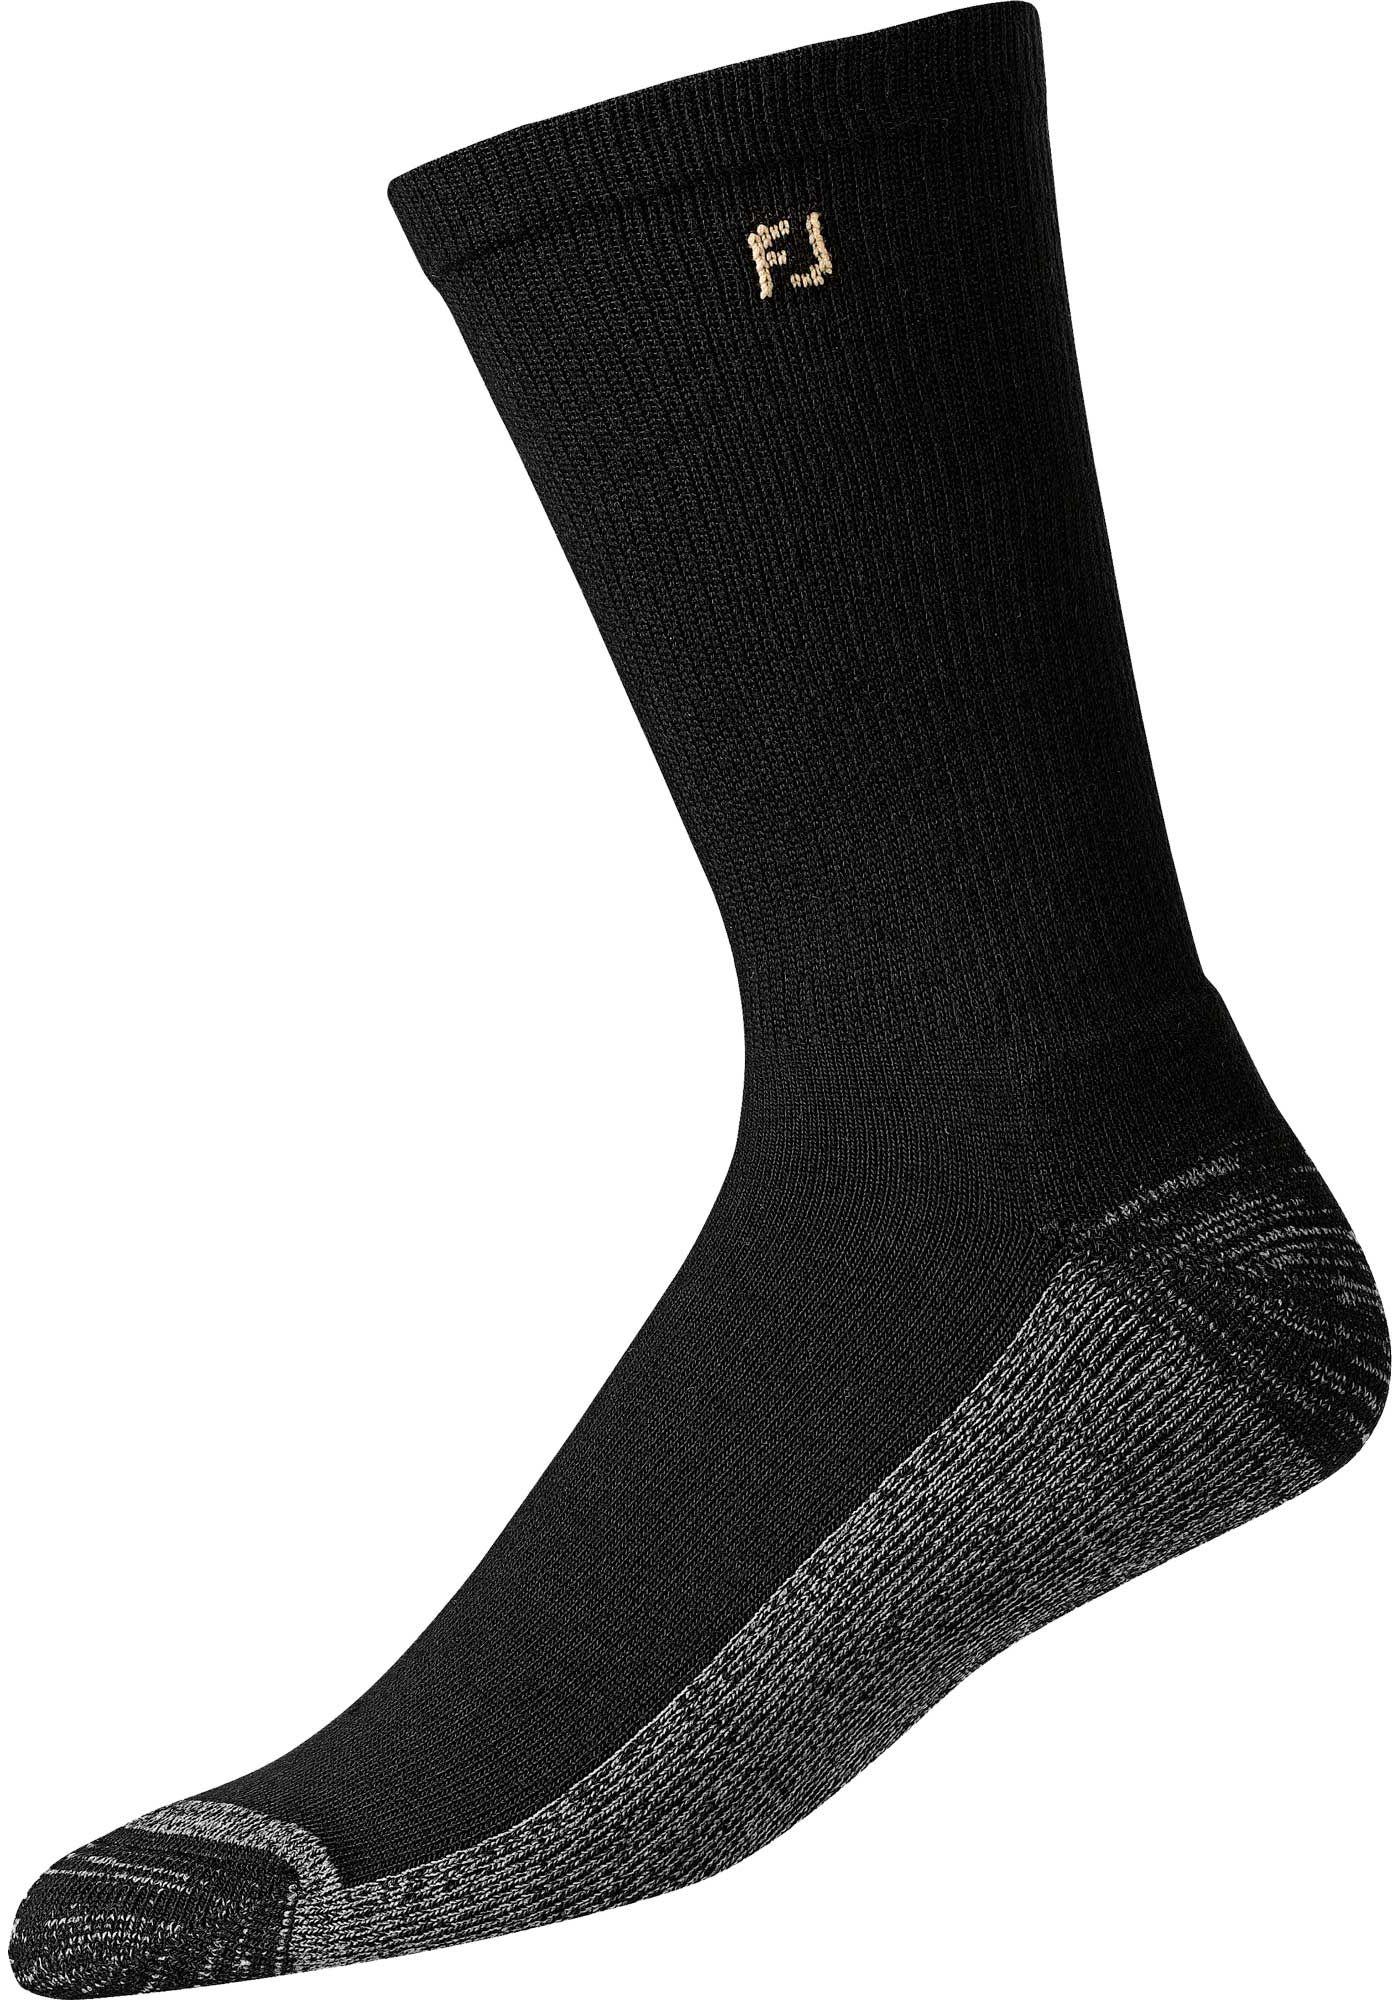 FootJoy ProDry Extreme Socks